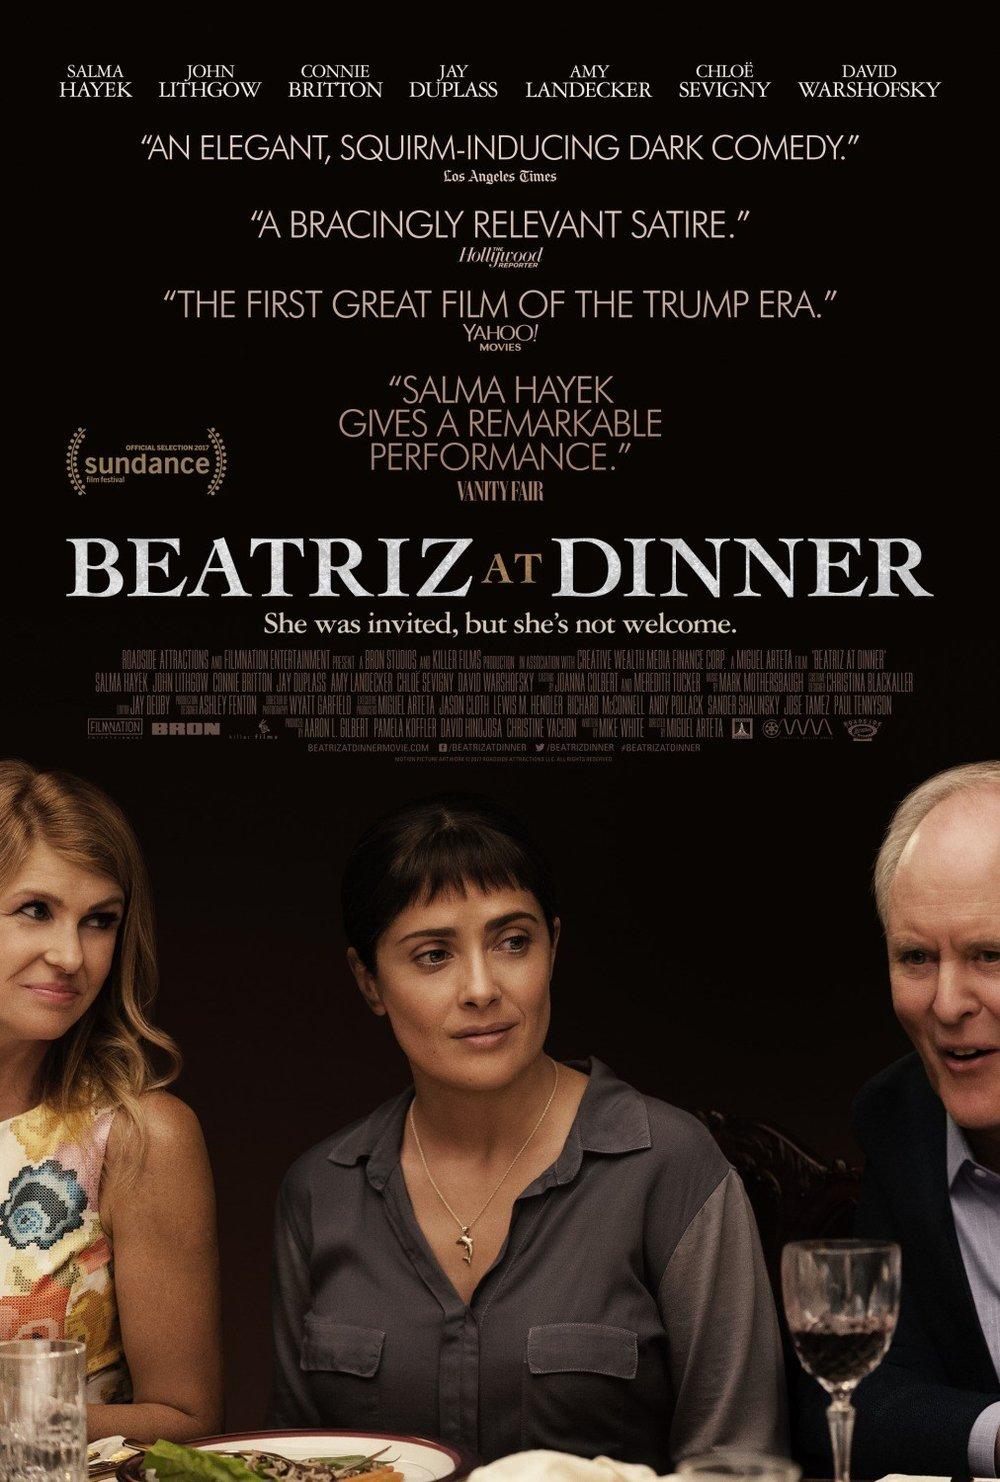 Beatriz-at-Dinner-movie-poster.jpg